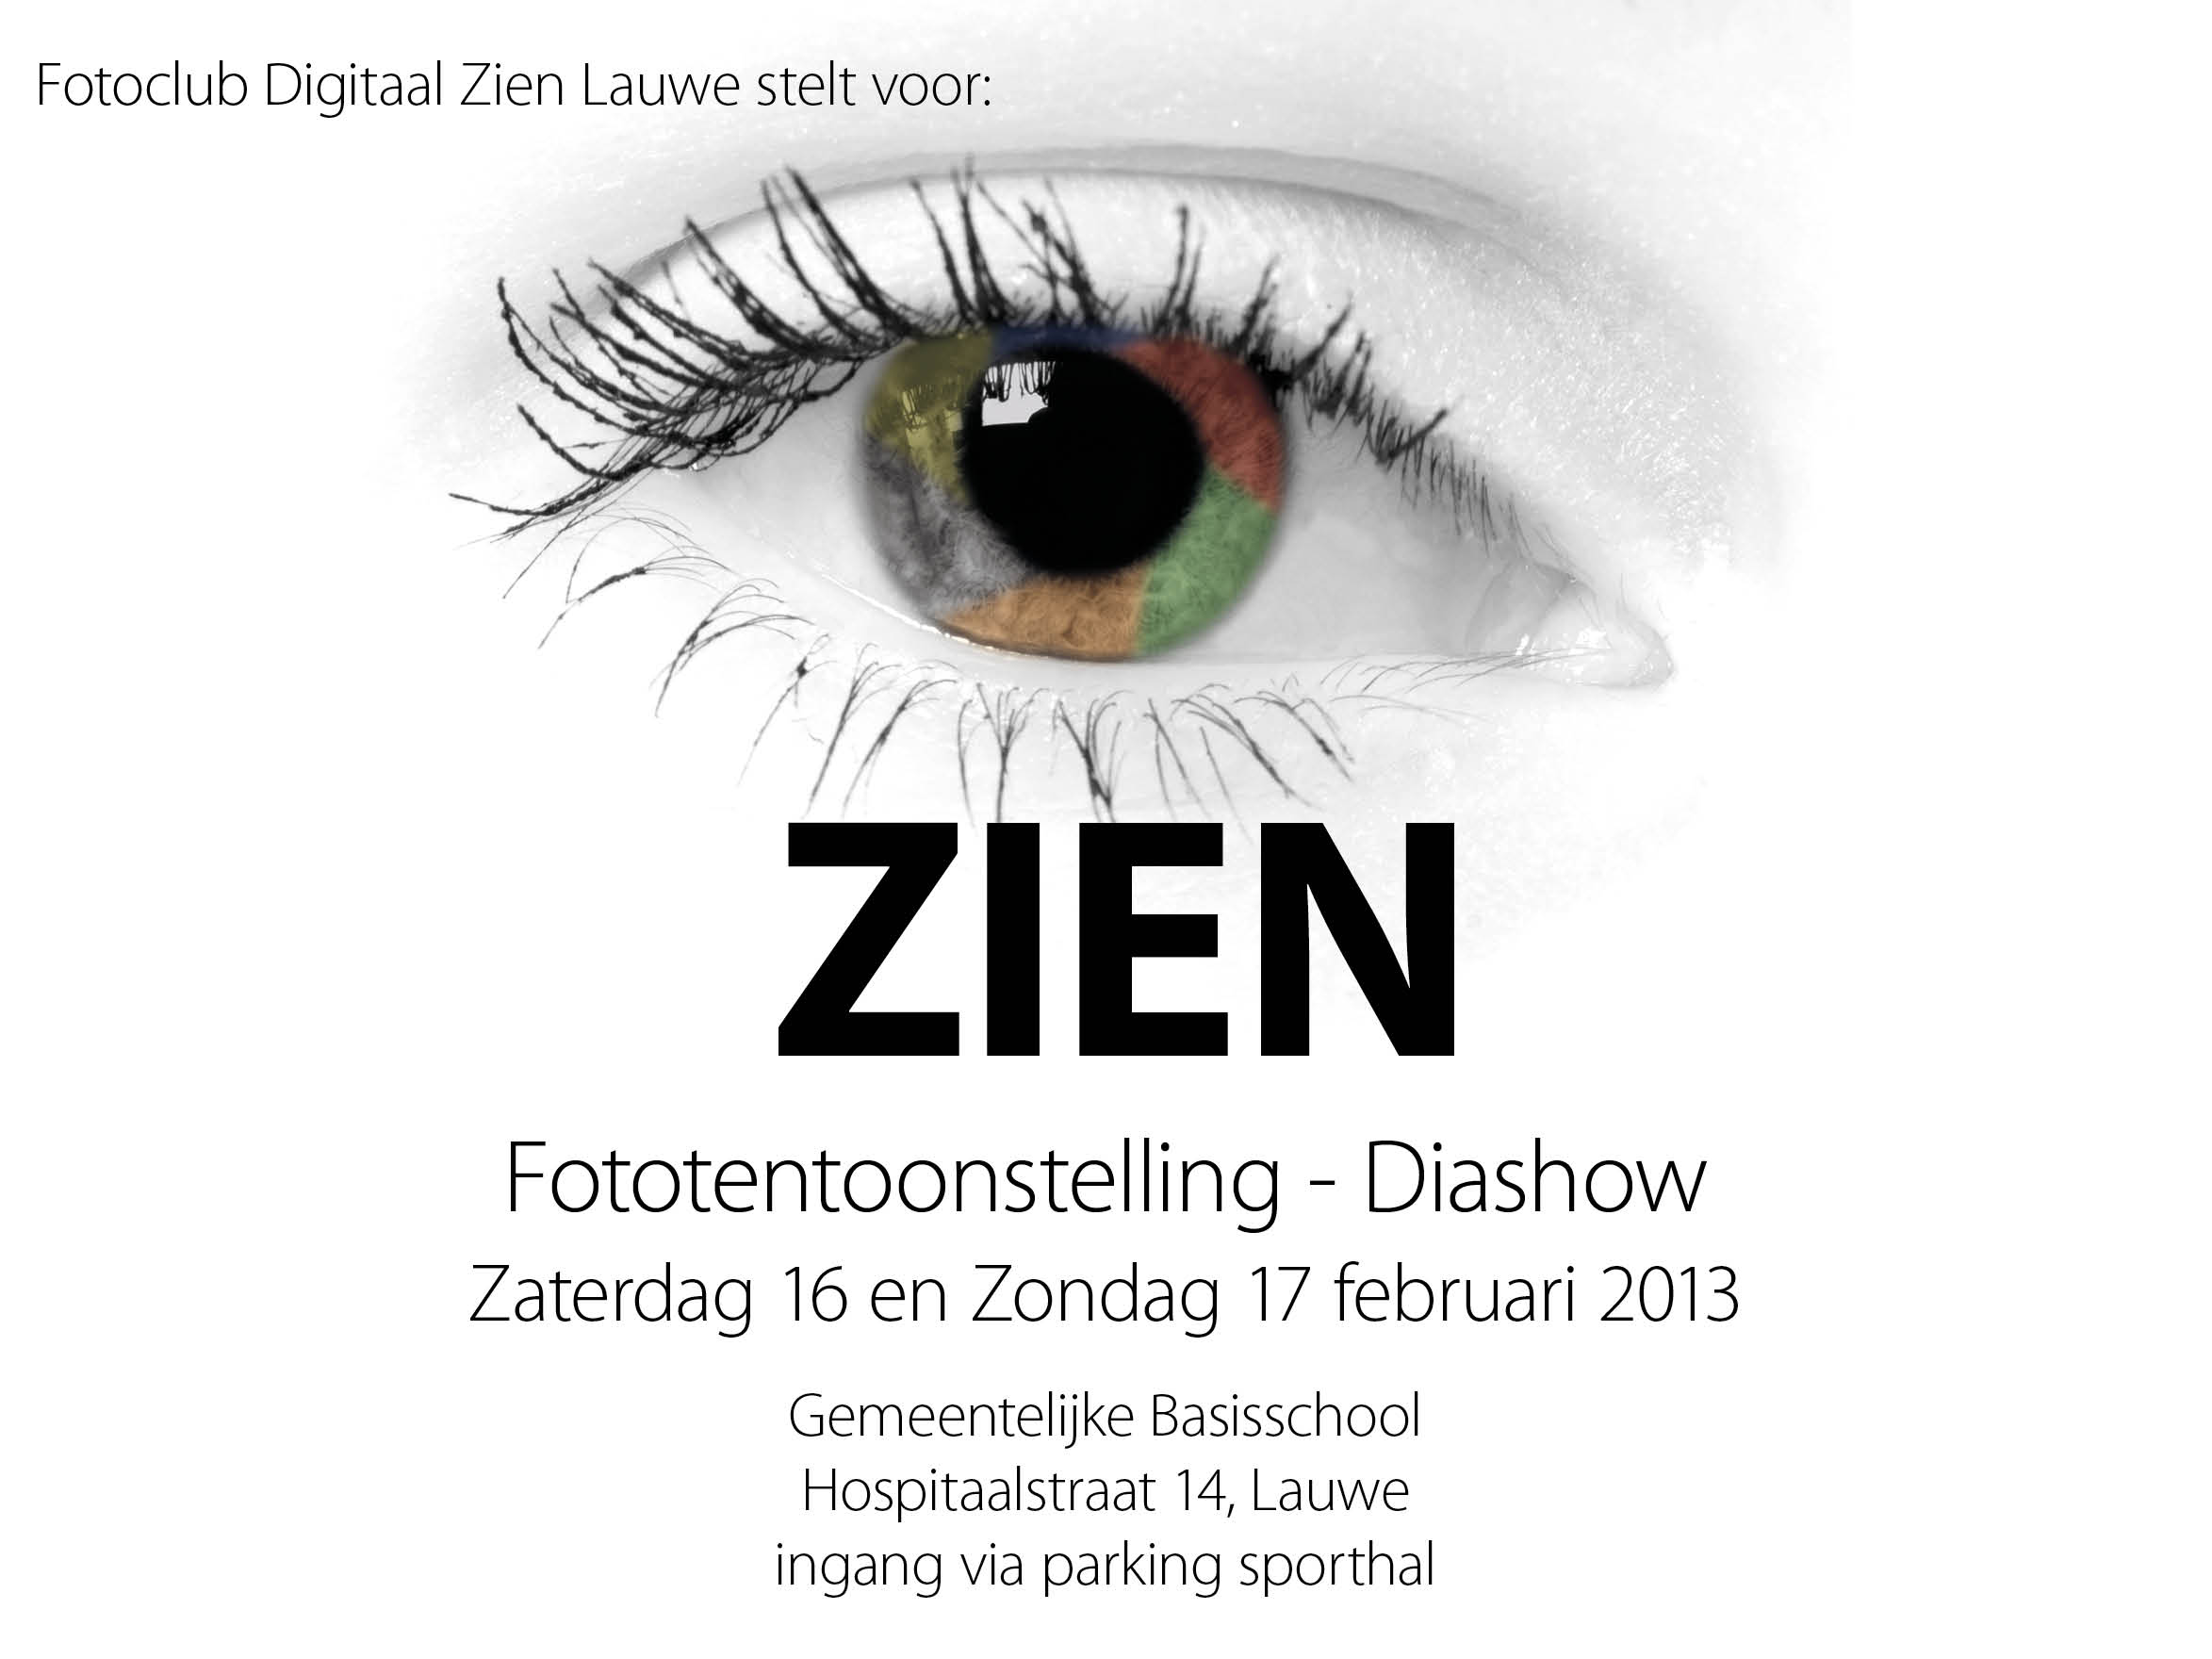 dzl_2013_zien_webaankondiging